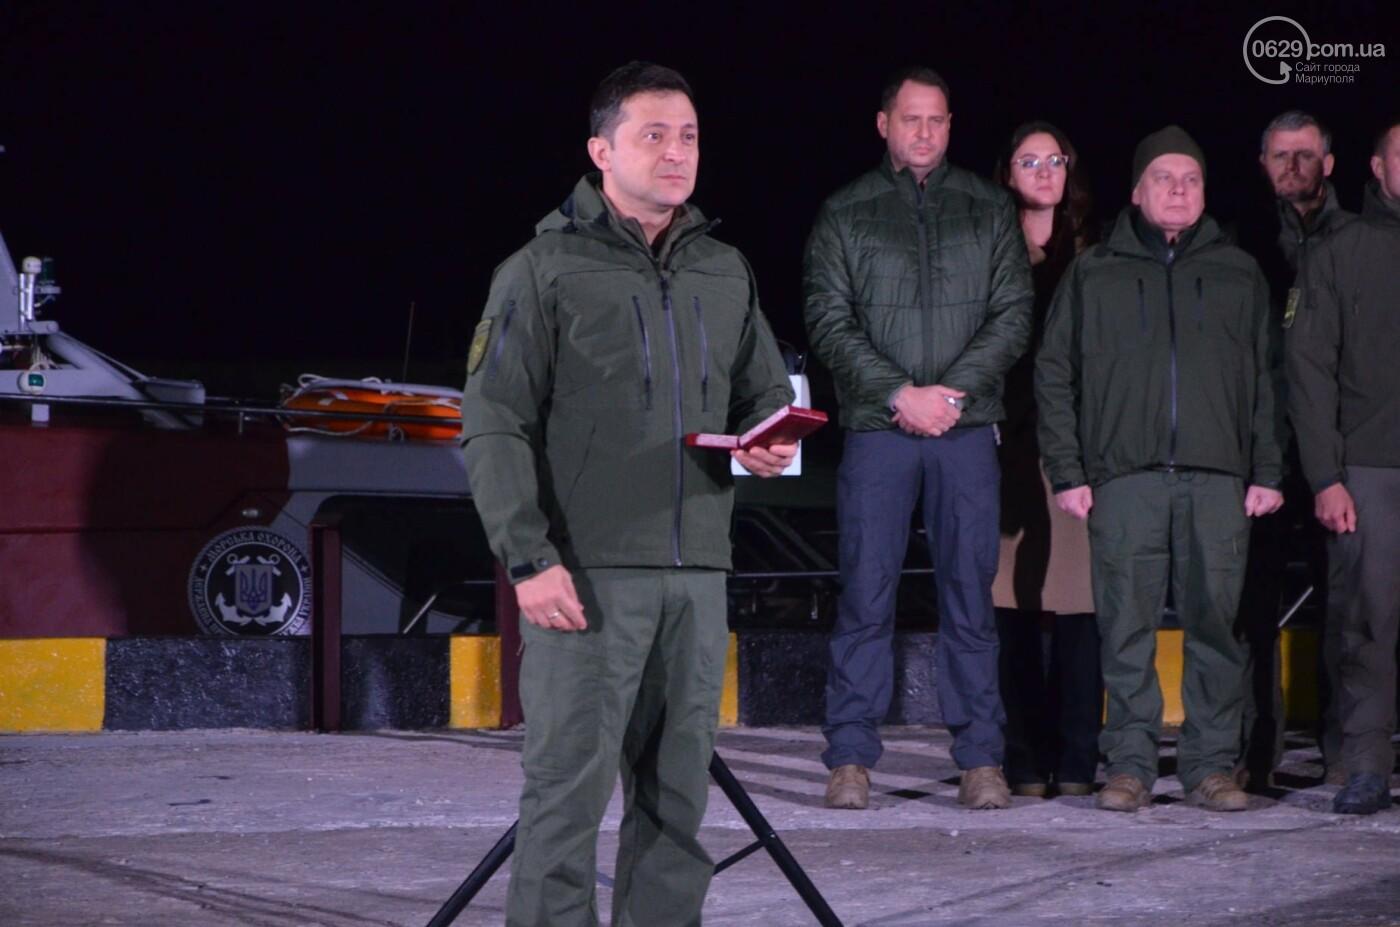 В Мариуполе Владимир Зеленский поздравил защитников и защитниц Украины,- ФОТО, ВИДЕО, фото-1